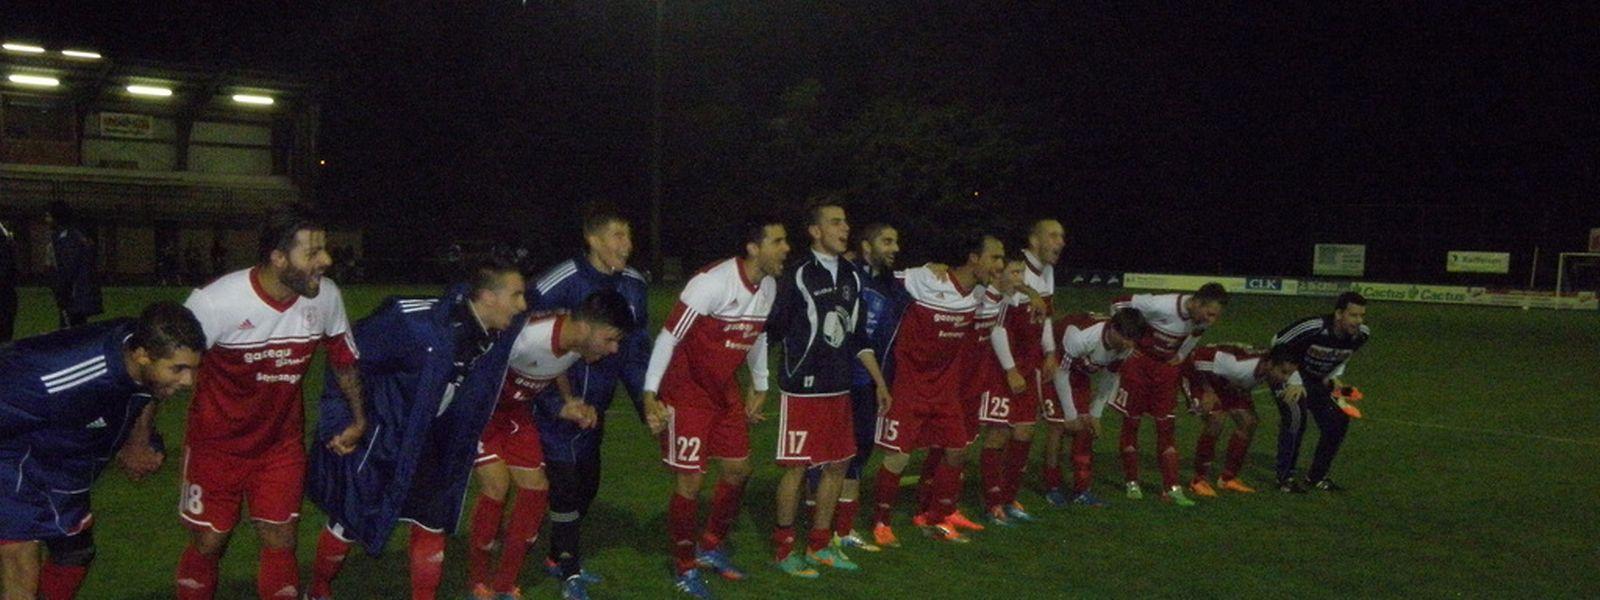 Les joueurs de Mertzig saluent leurs supporters après leur victoire sur Hosingen.